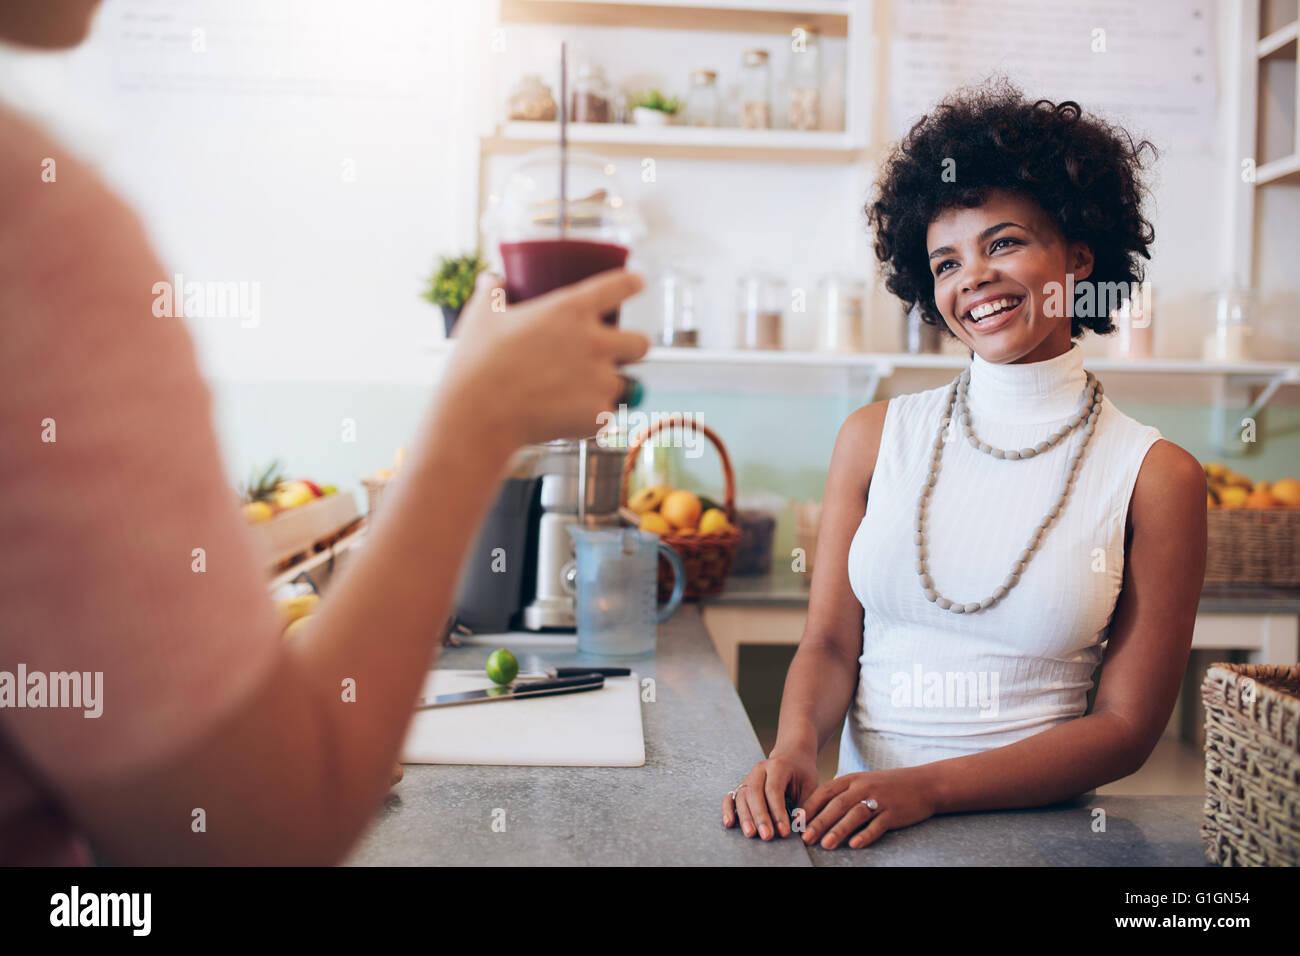 Saft-Bar-Besitzer mit weiblichen Kunden mit einem Glas frischen Saft. Afrikanische Frau hinter der Theke stehen Stockbild